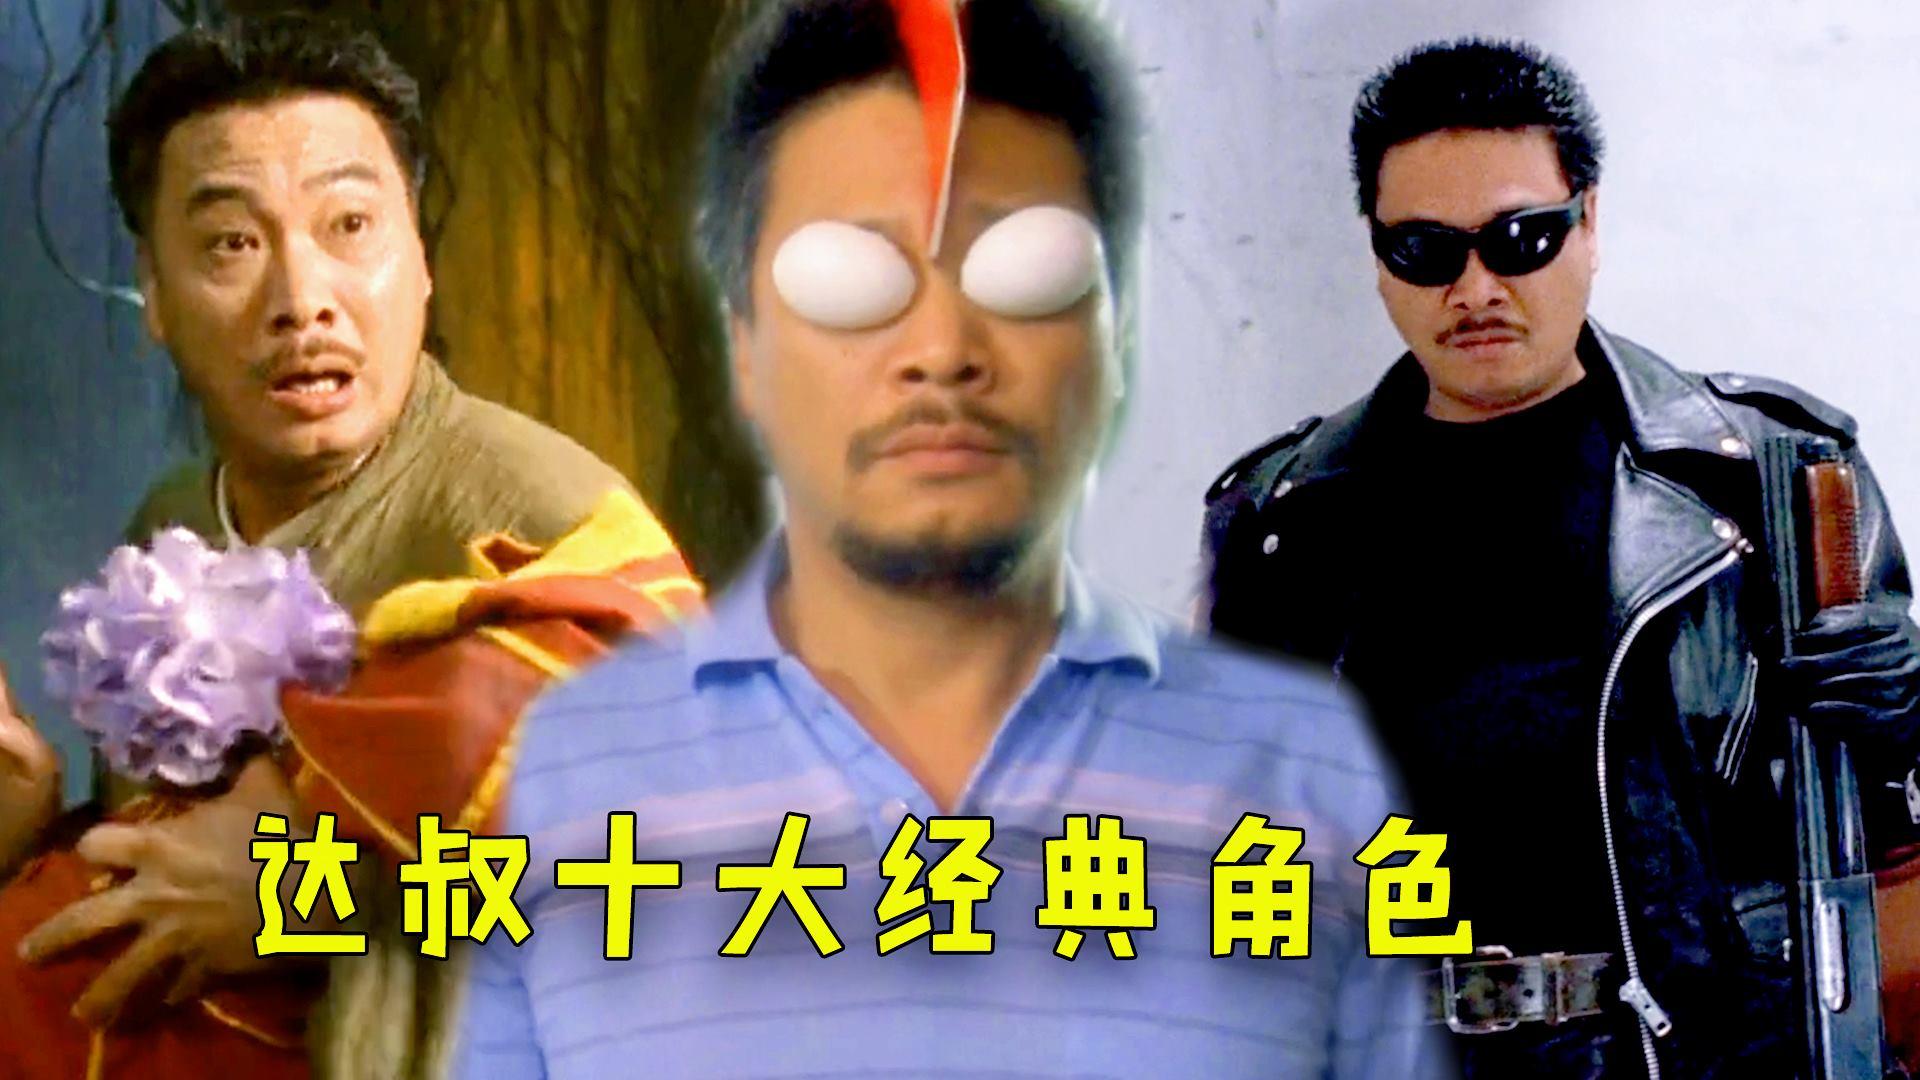 吴孟达最经典的10大角色,哪个你印象最深?